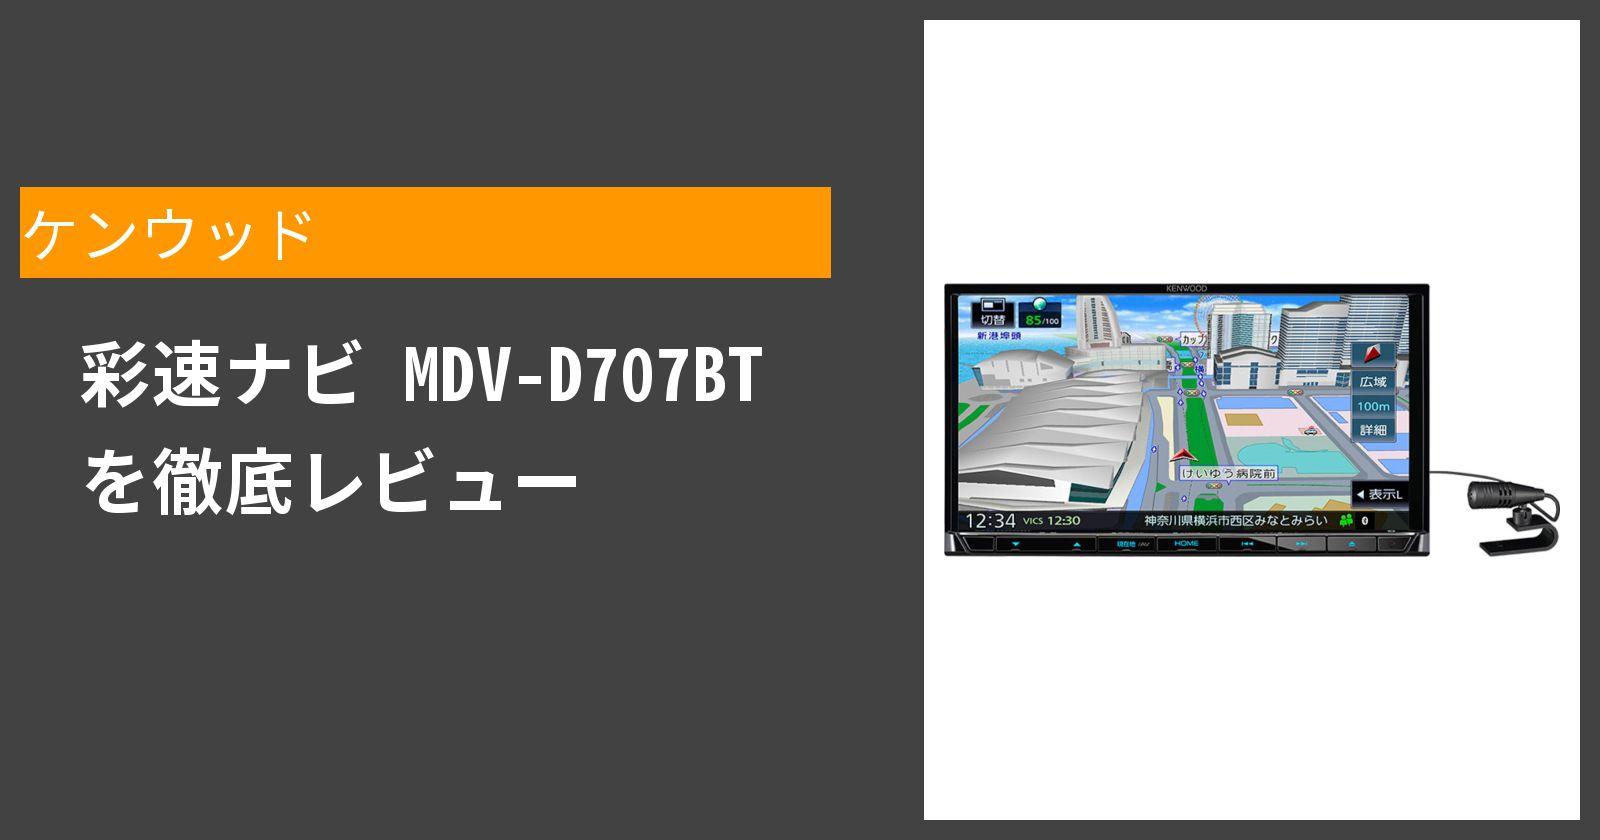 彩速ナビ MDV-D707BTを徹底評価